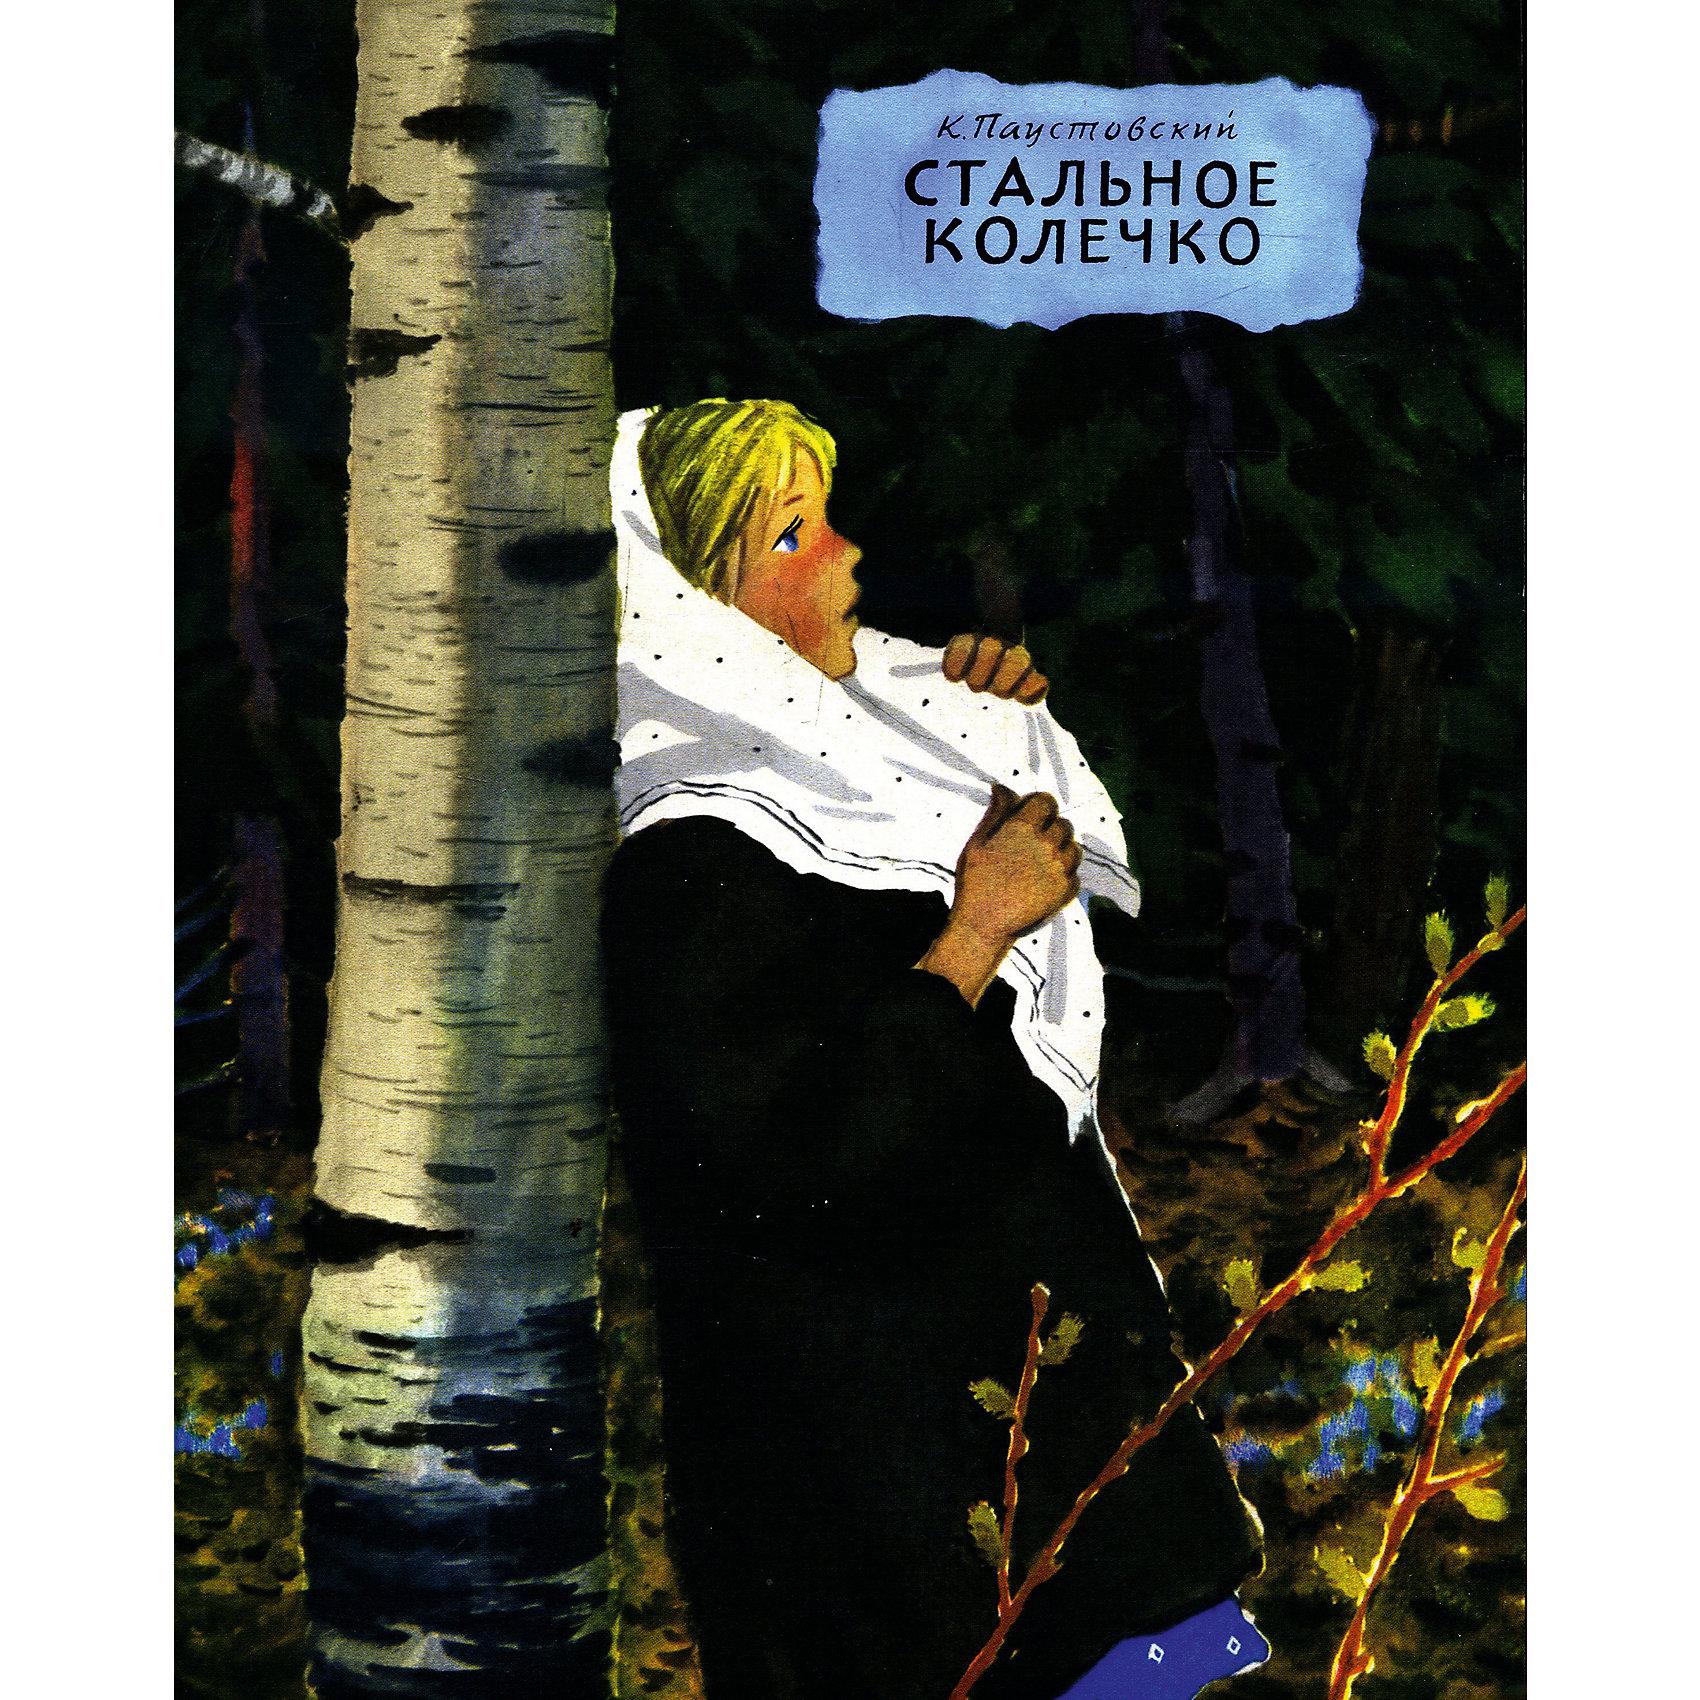 Стальное колечко, К. Паустовский